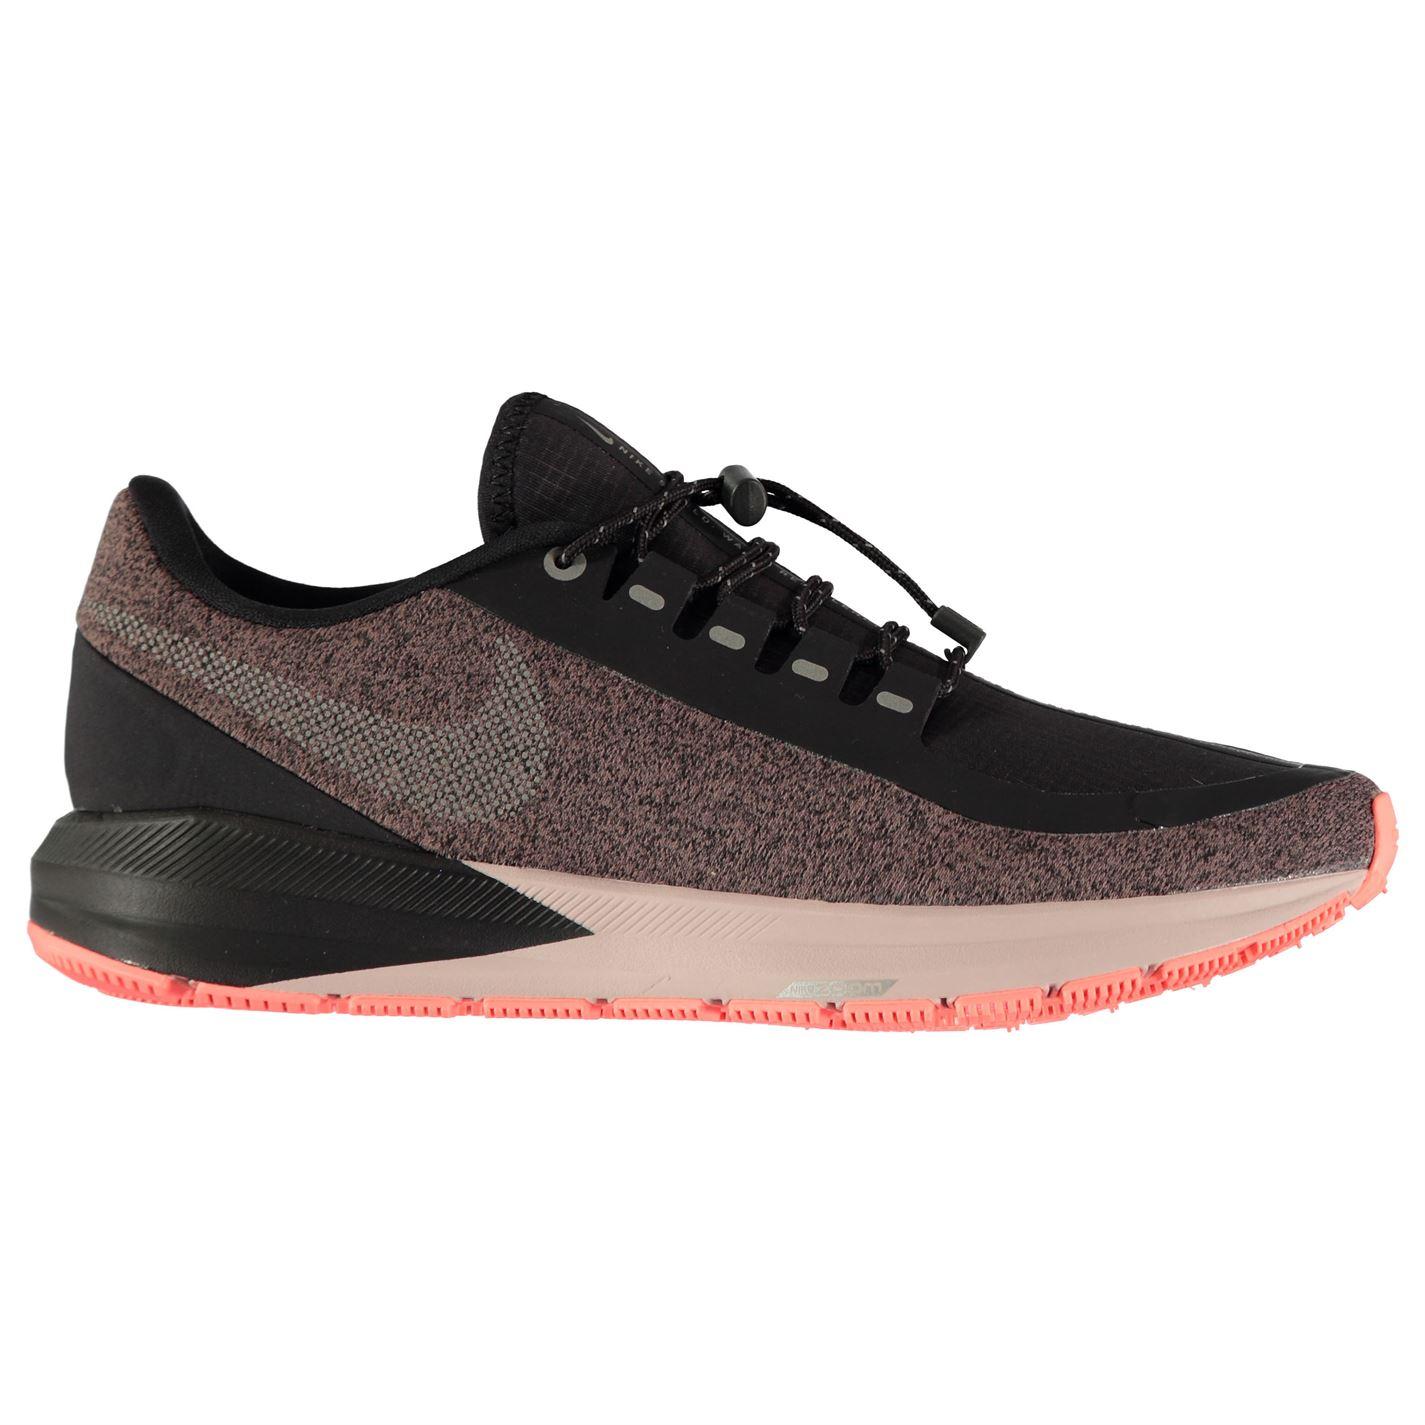 boty Nike Zoom Structure 22 dámské Grey Rose - Glami.sk 61b0370640